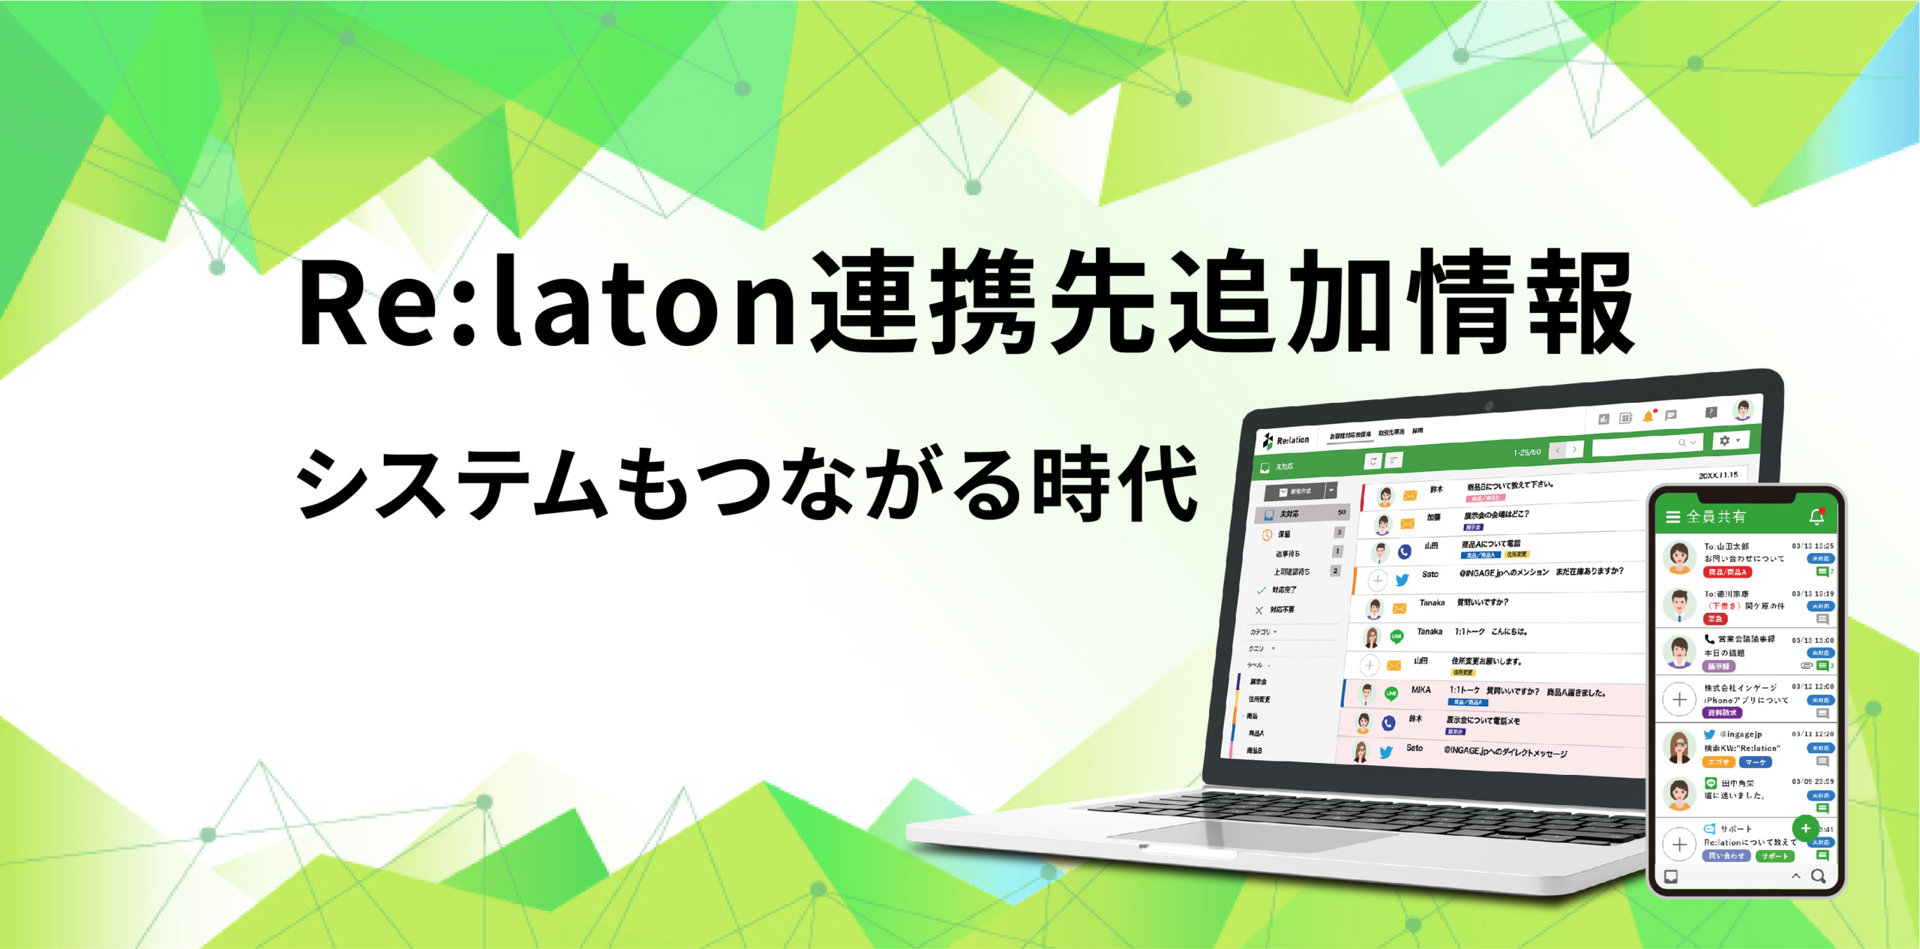 顧客対応クラウド『Re:lation(リレーション)』がネットショップ開業ASPサービス『おちゃのこネット』と連携